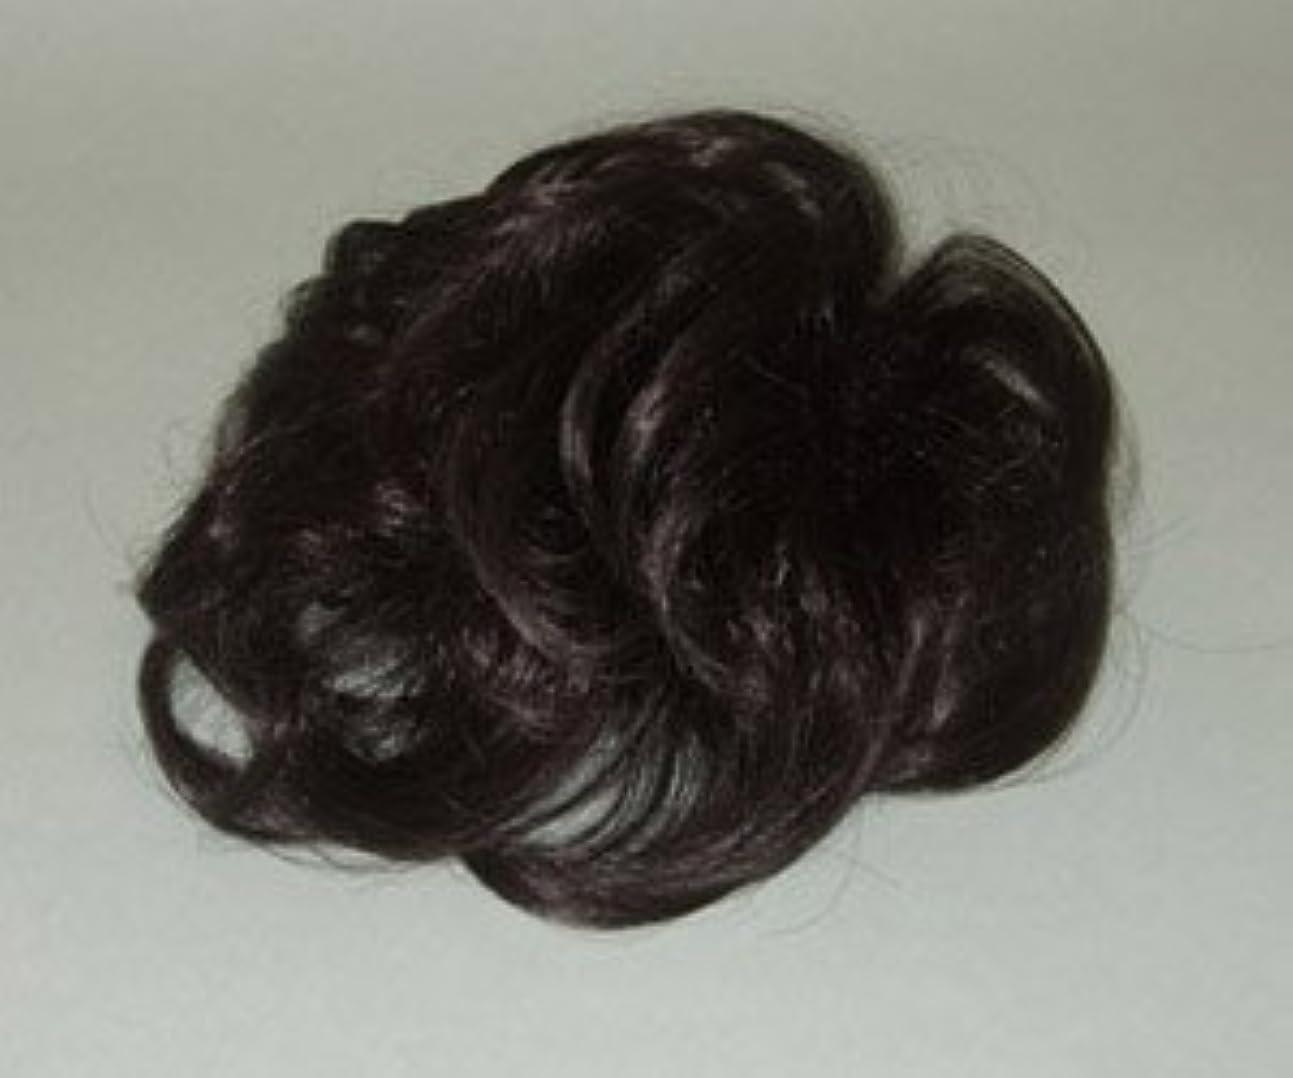 受付垂直むちゃくちゃ富士パックス販売 ボンヘアー BON HAIR (ボリュームアップタイプ) ブラウン